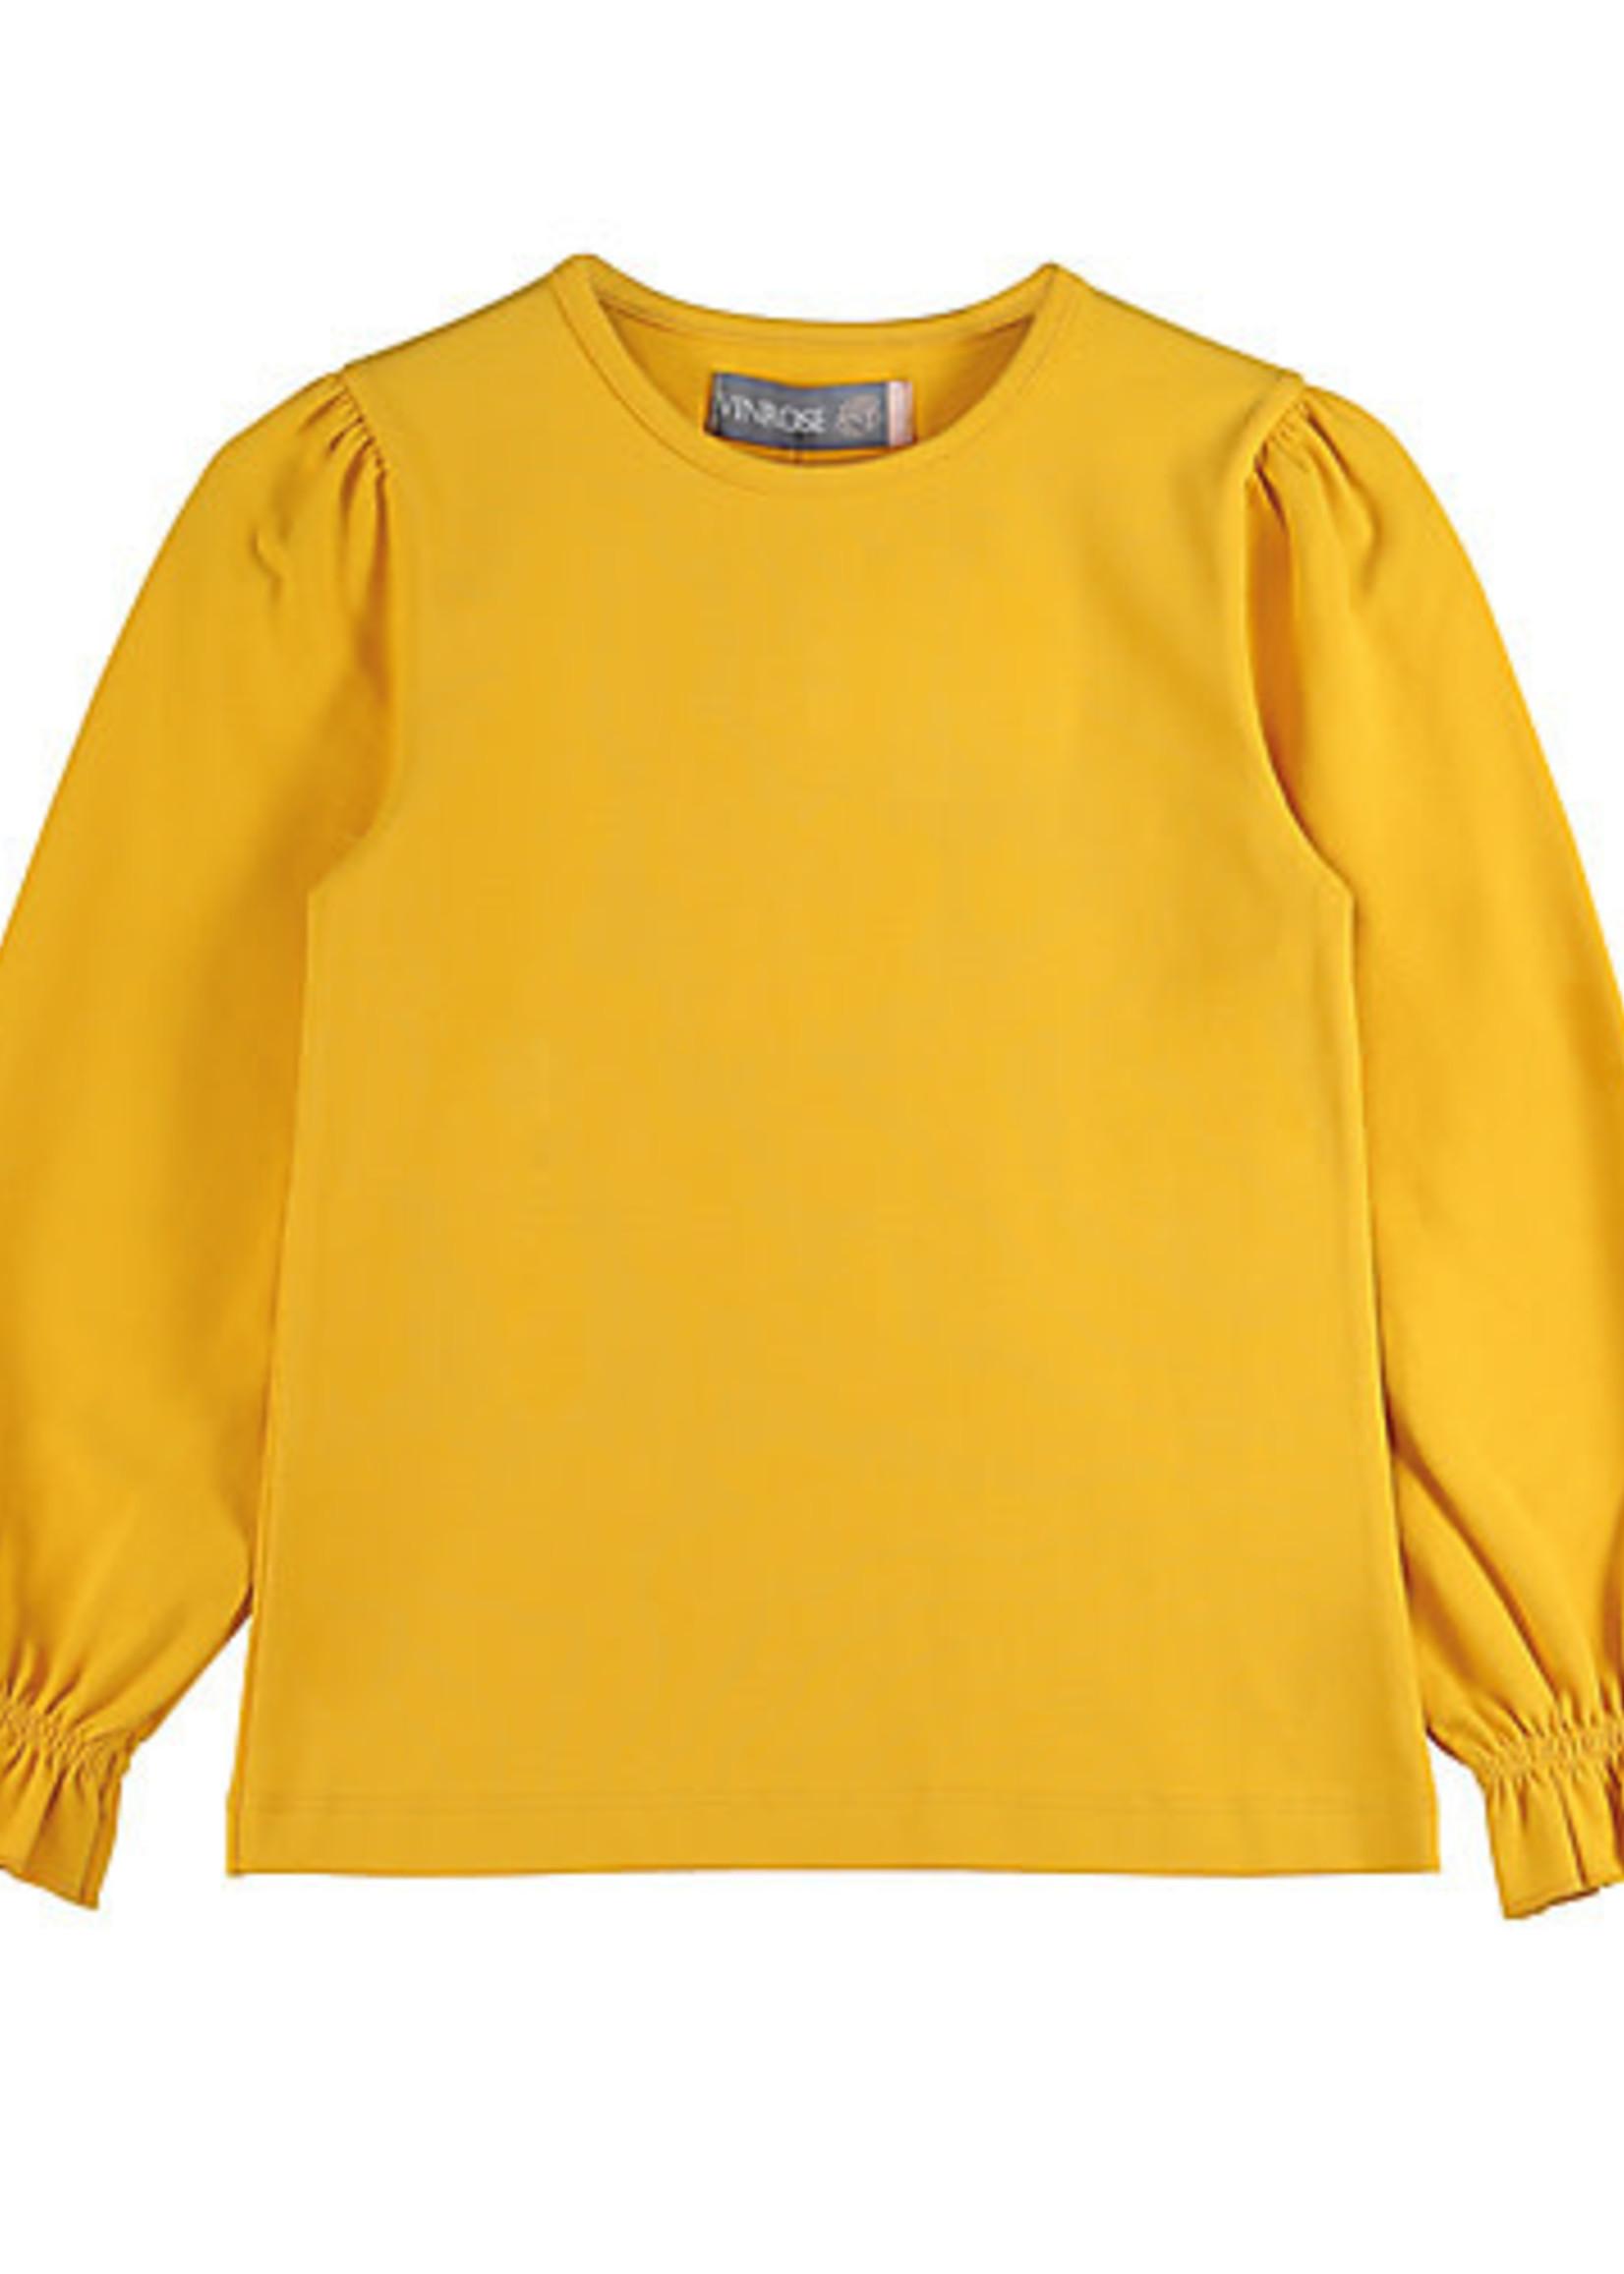 vinrose Vinrose Longsleeve t-shirt oker